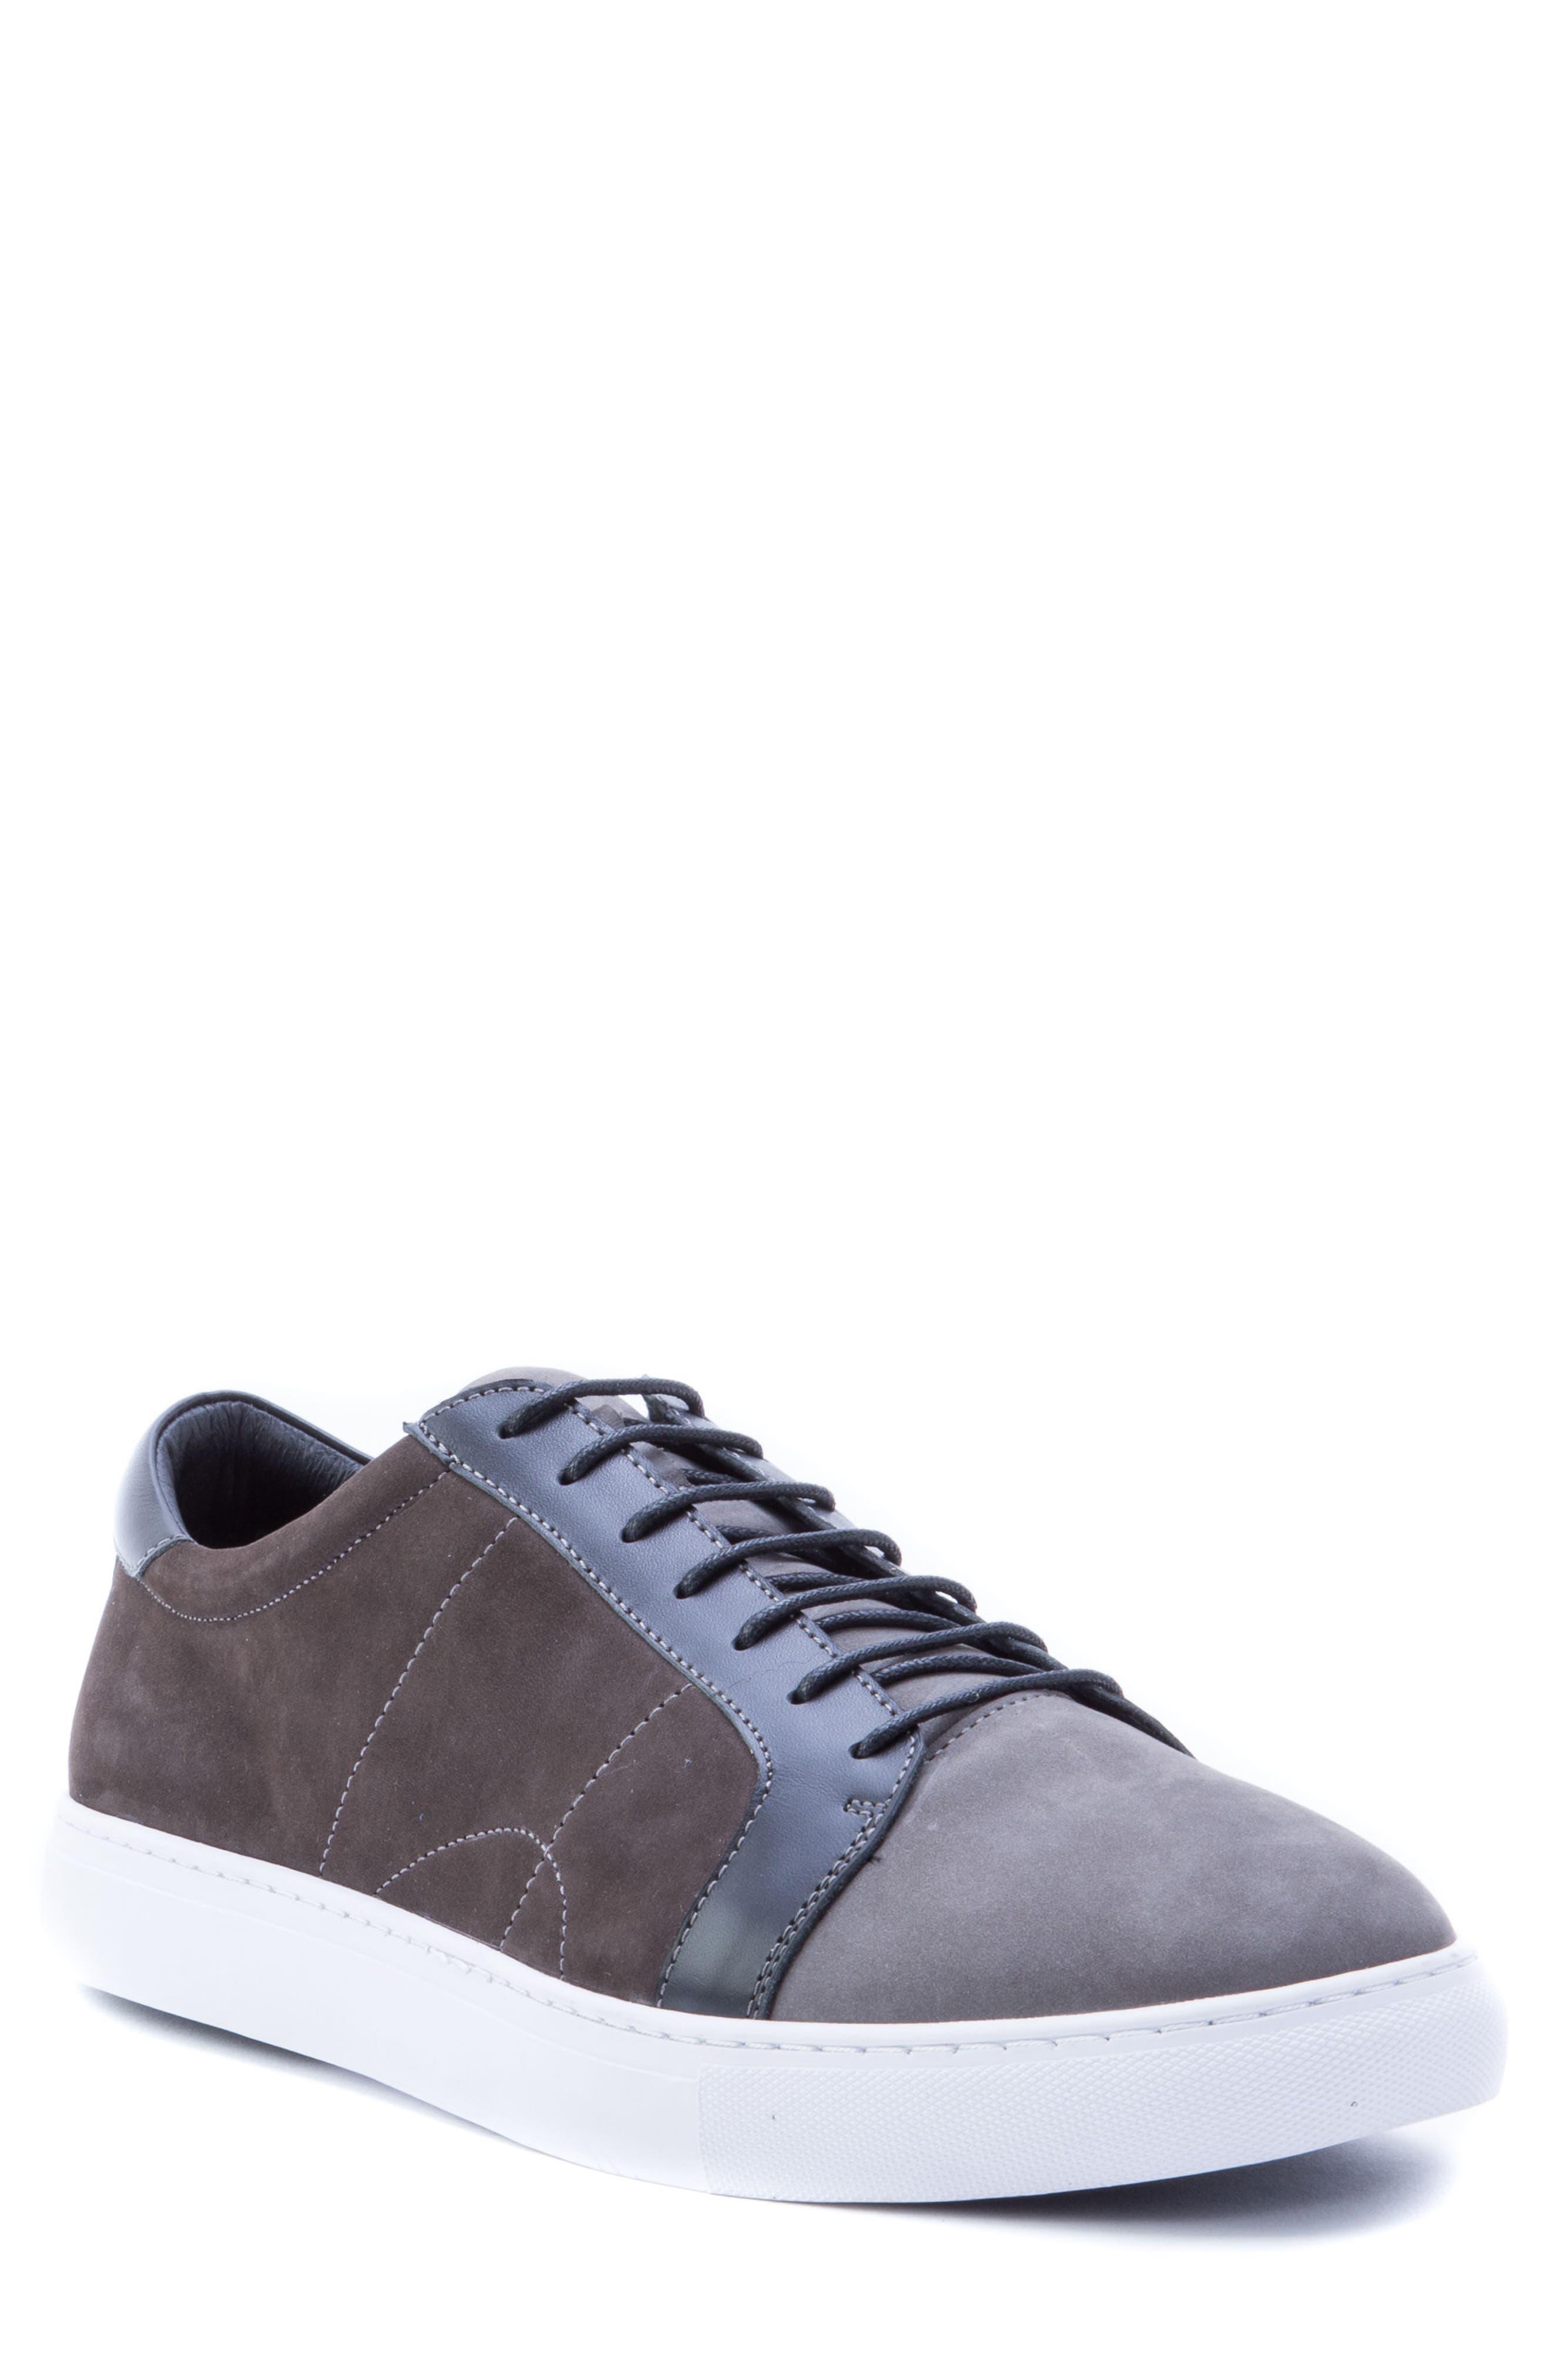 Robert Graham Gonzalo Low Top Sneaker- Grey